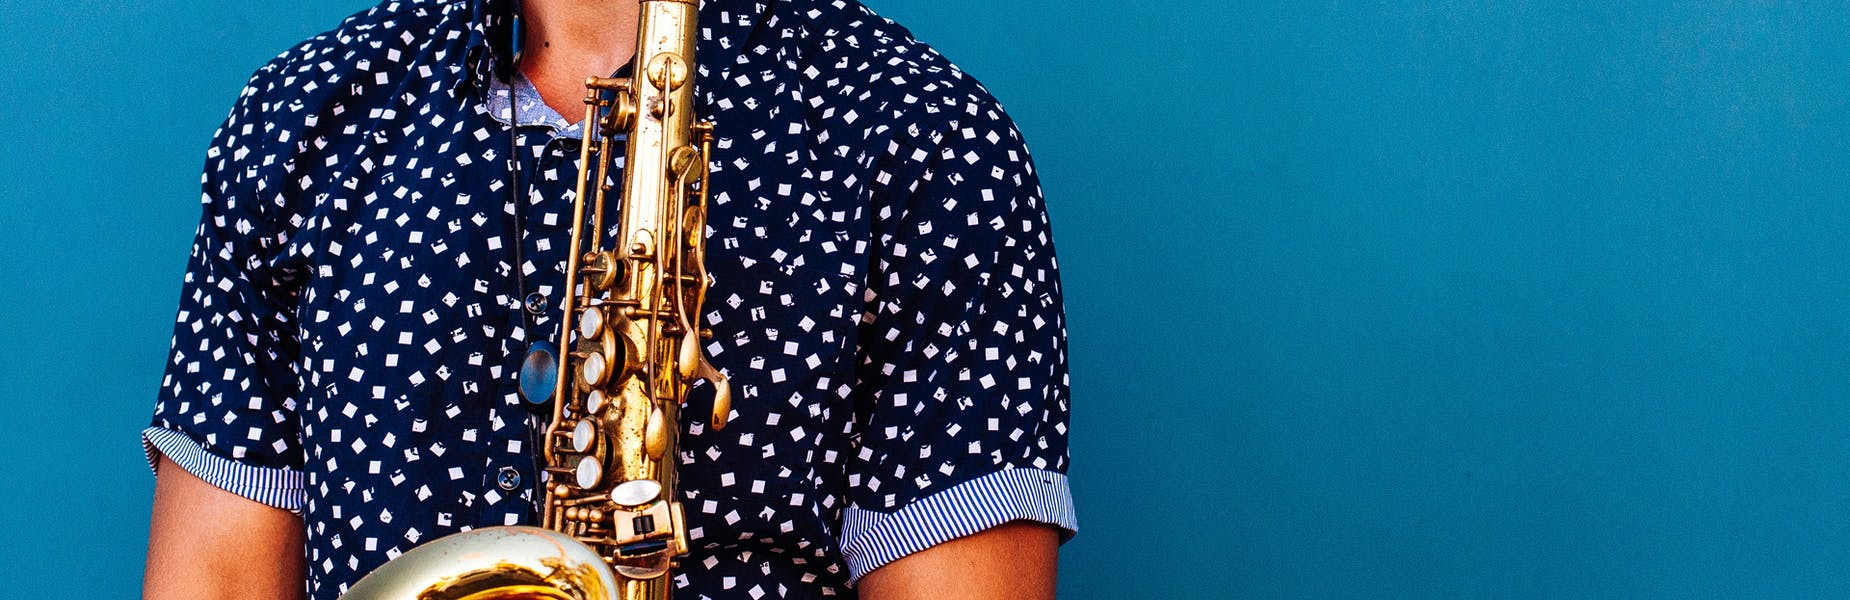 I jazzisti più importanti e famosi al mondo da conoscere - L'Officiel Italia